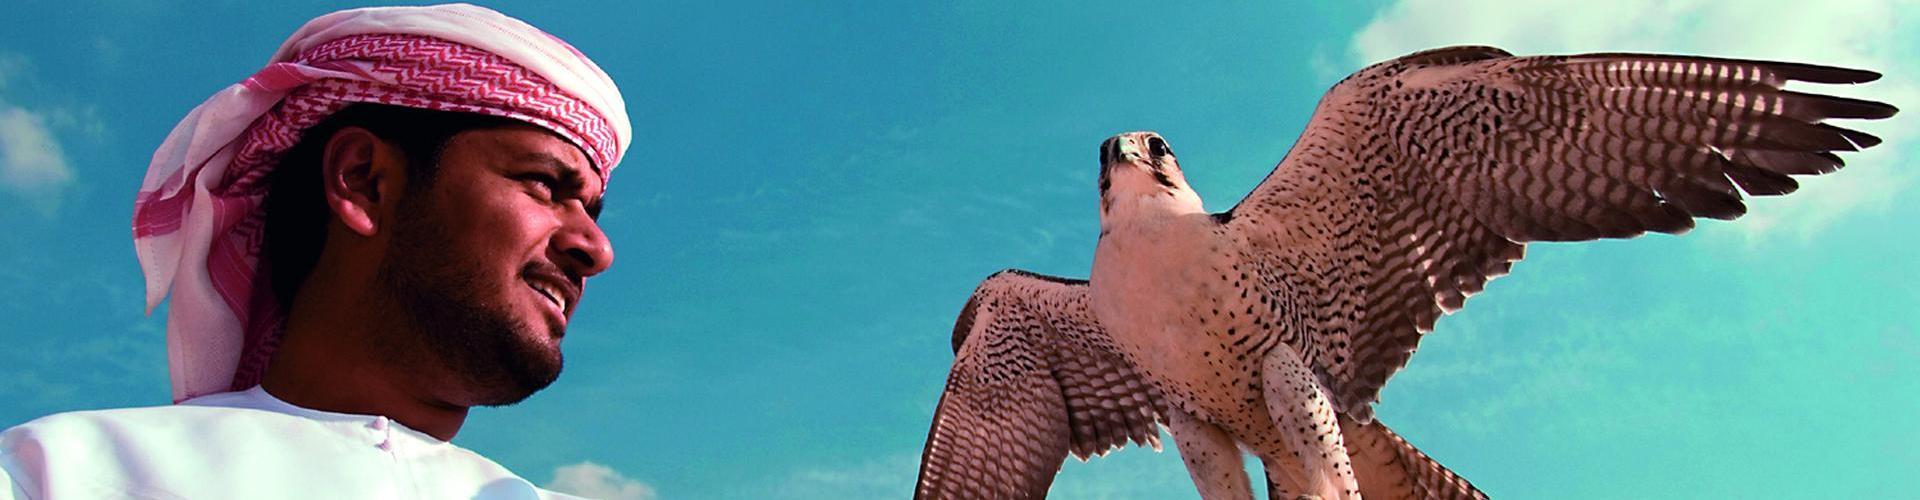 Jagdfalke - Wahrzeichen der Emirate